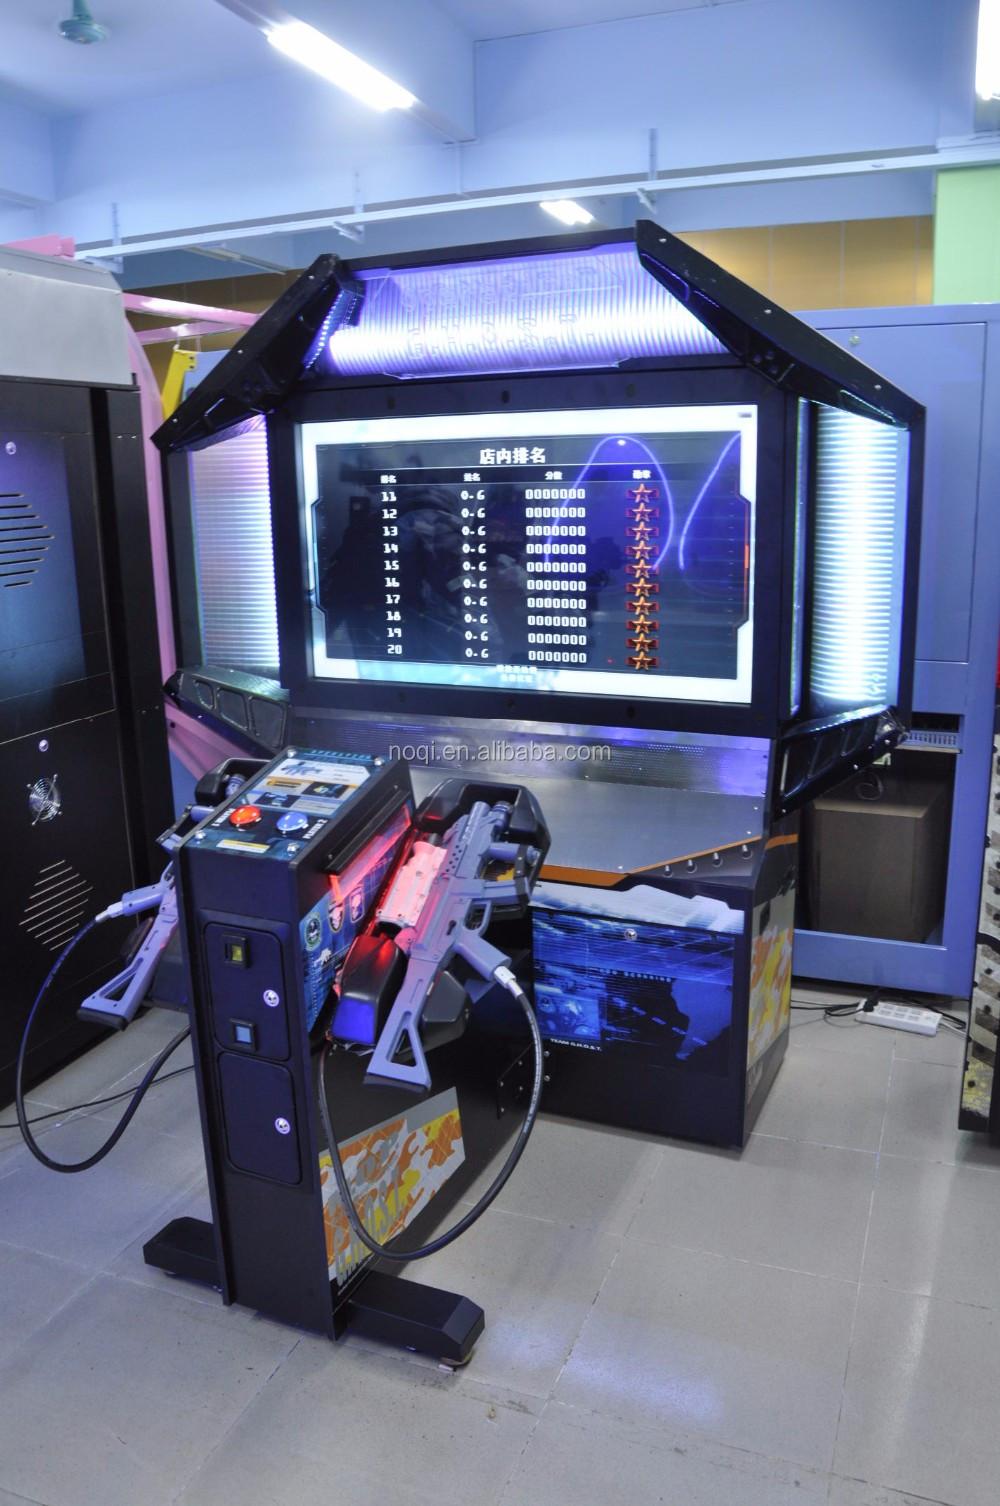 Игровые автоматы simulator игровые автоматы гараж играть бесплатно без регистрации и смс онлайн